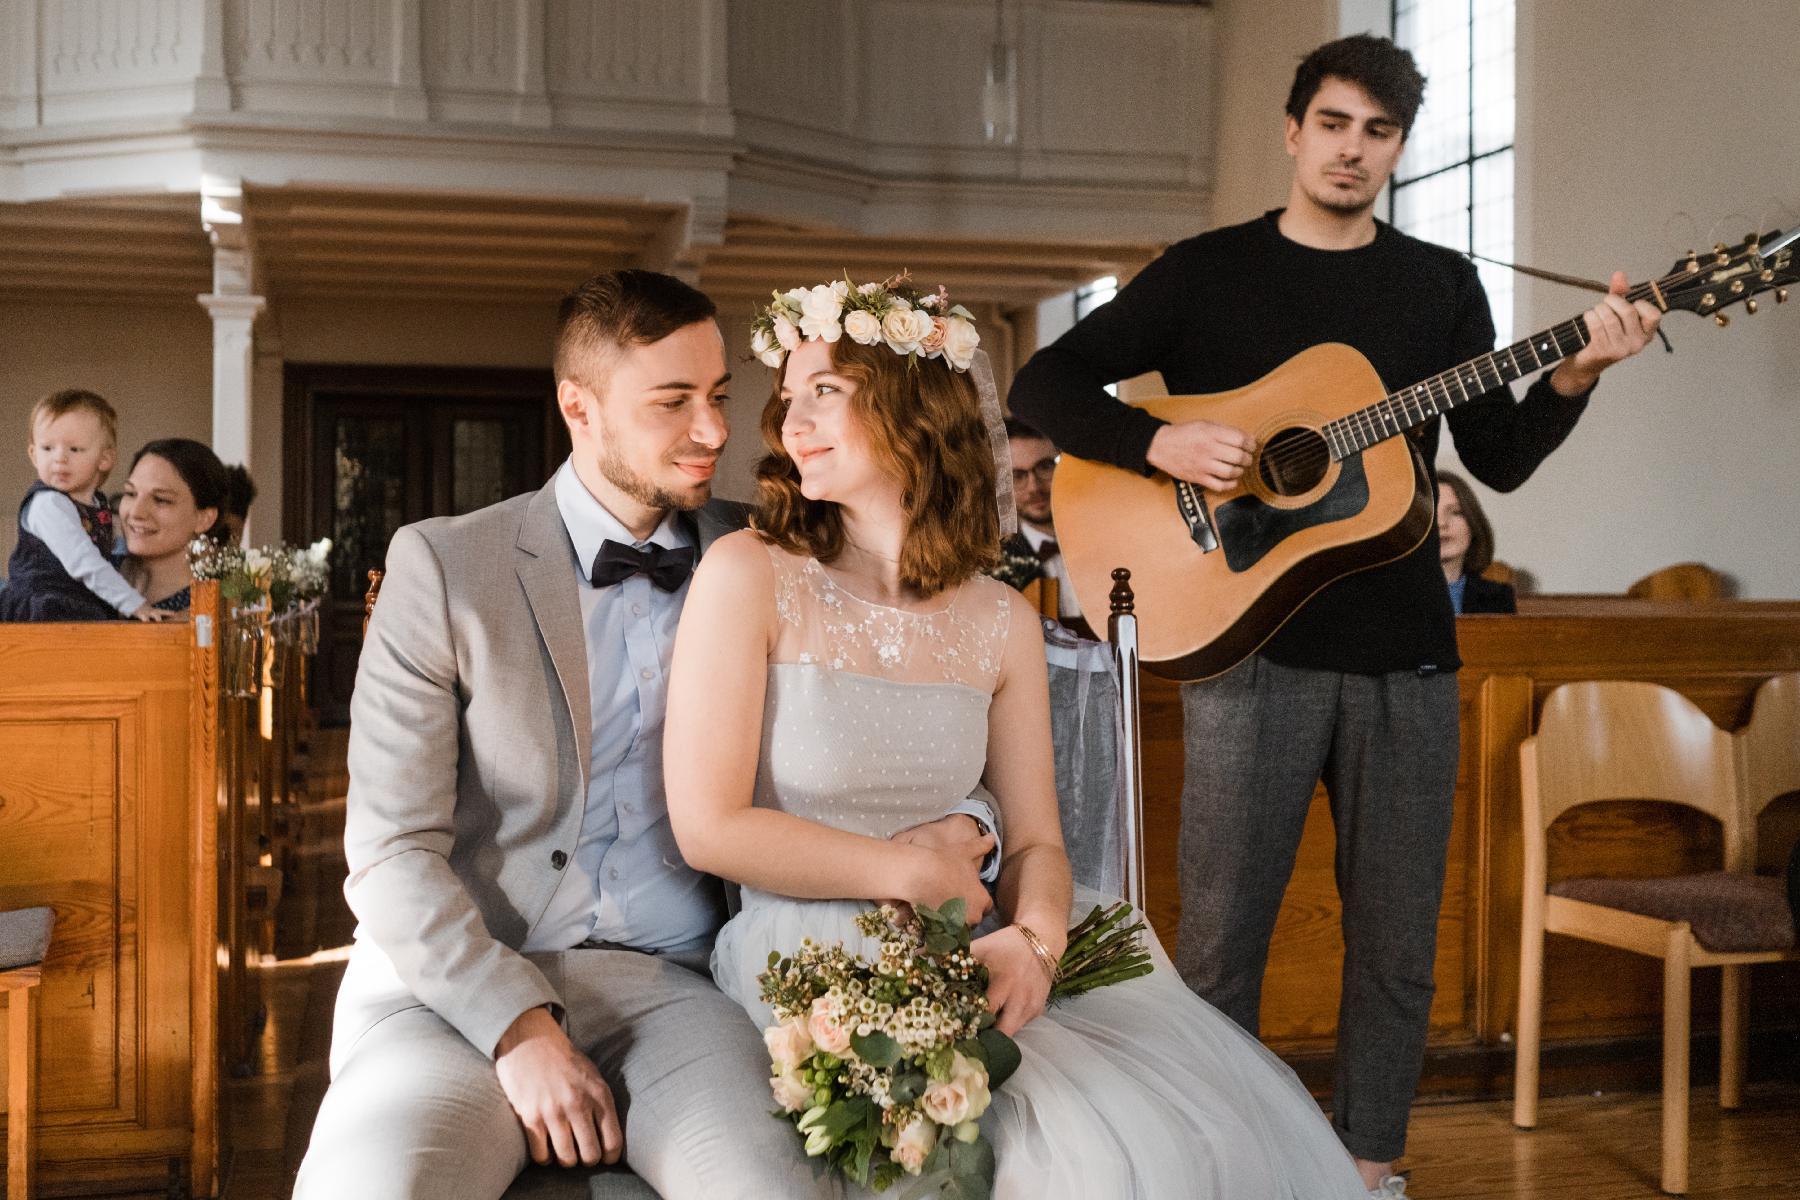 Ehepaar sitzend in Kirche mit Sänger im Hintergrund